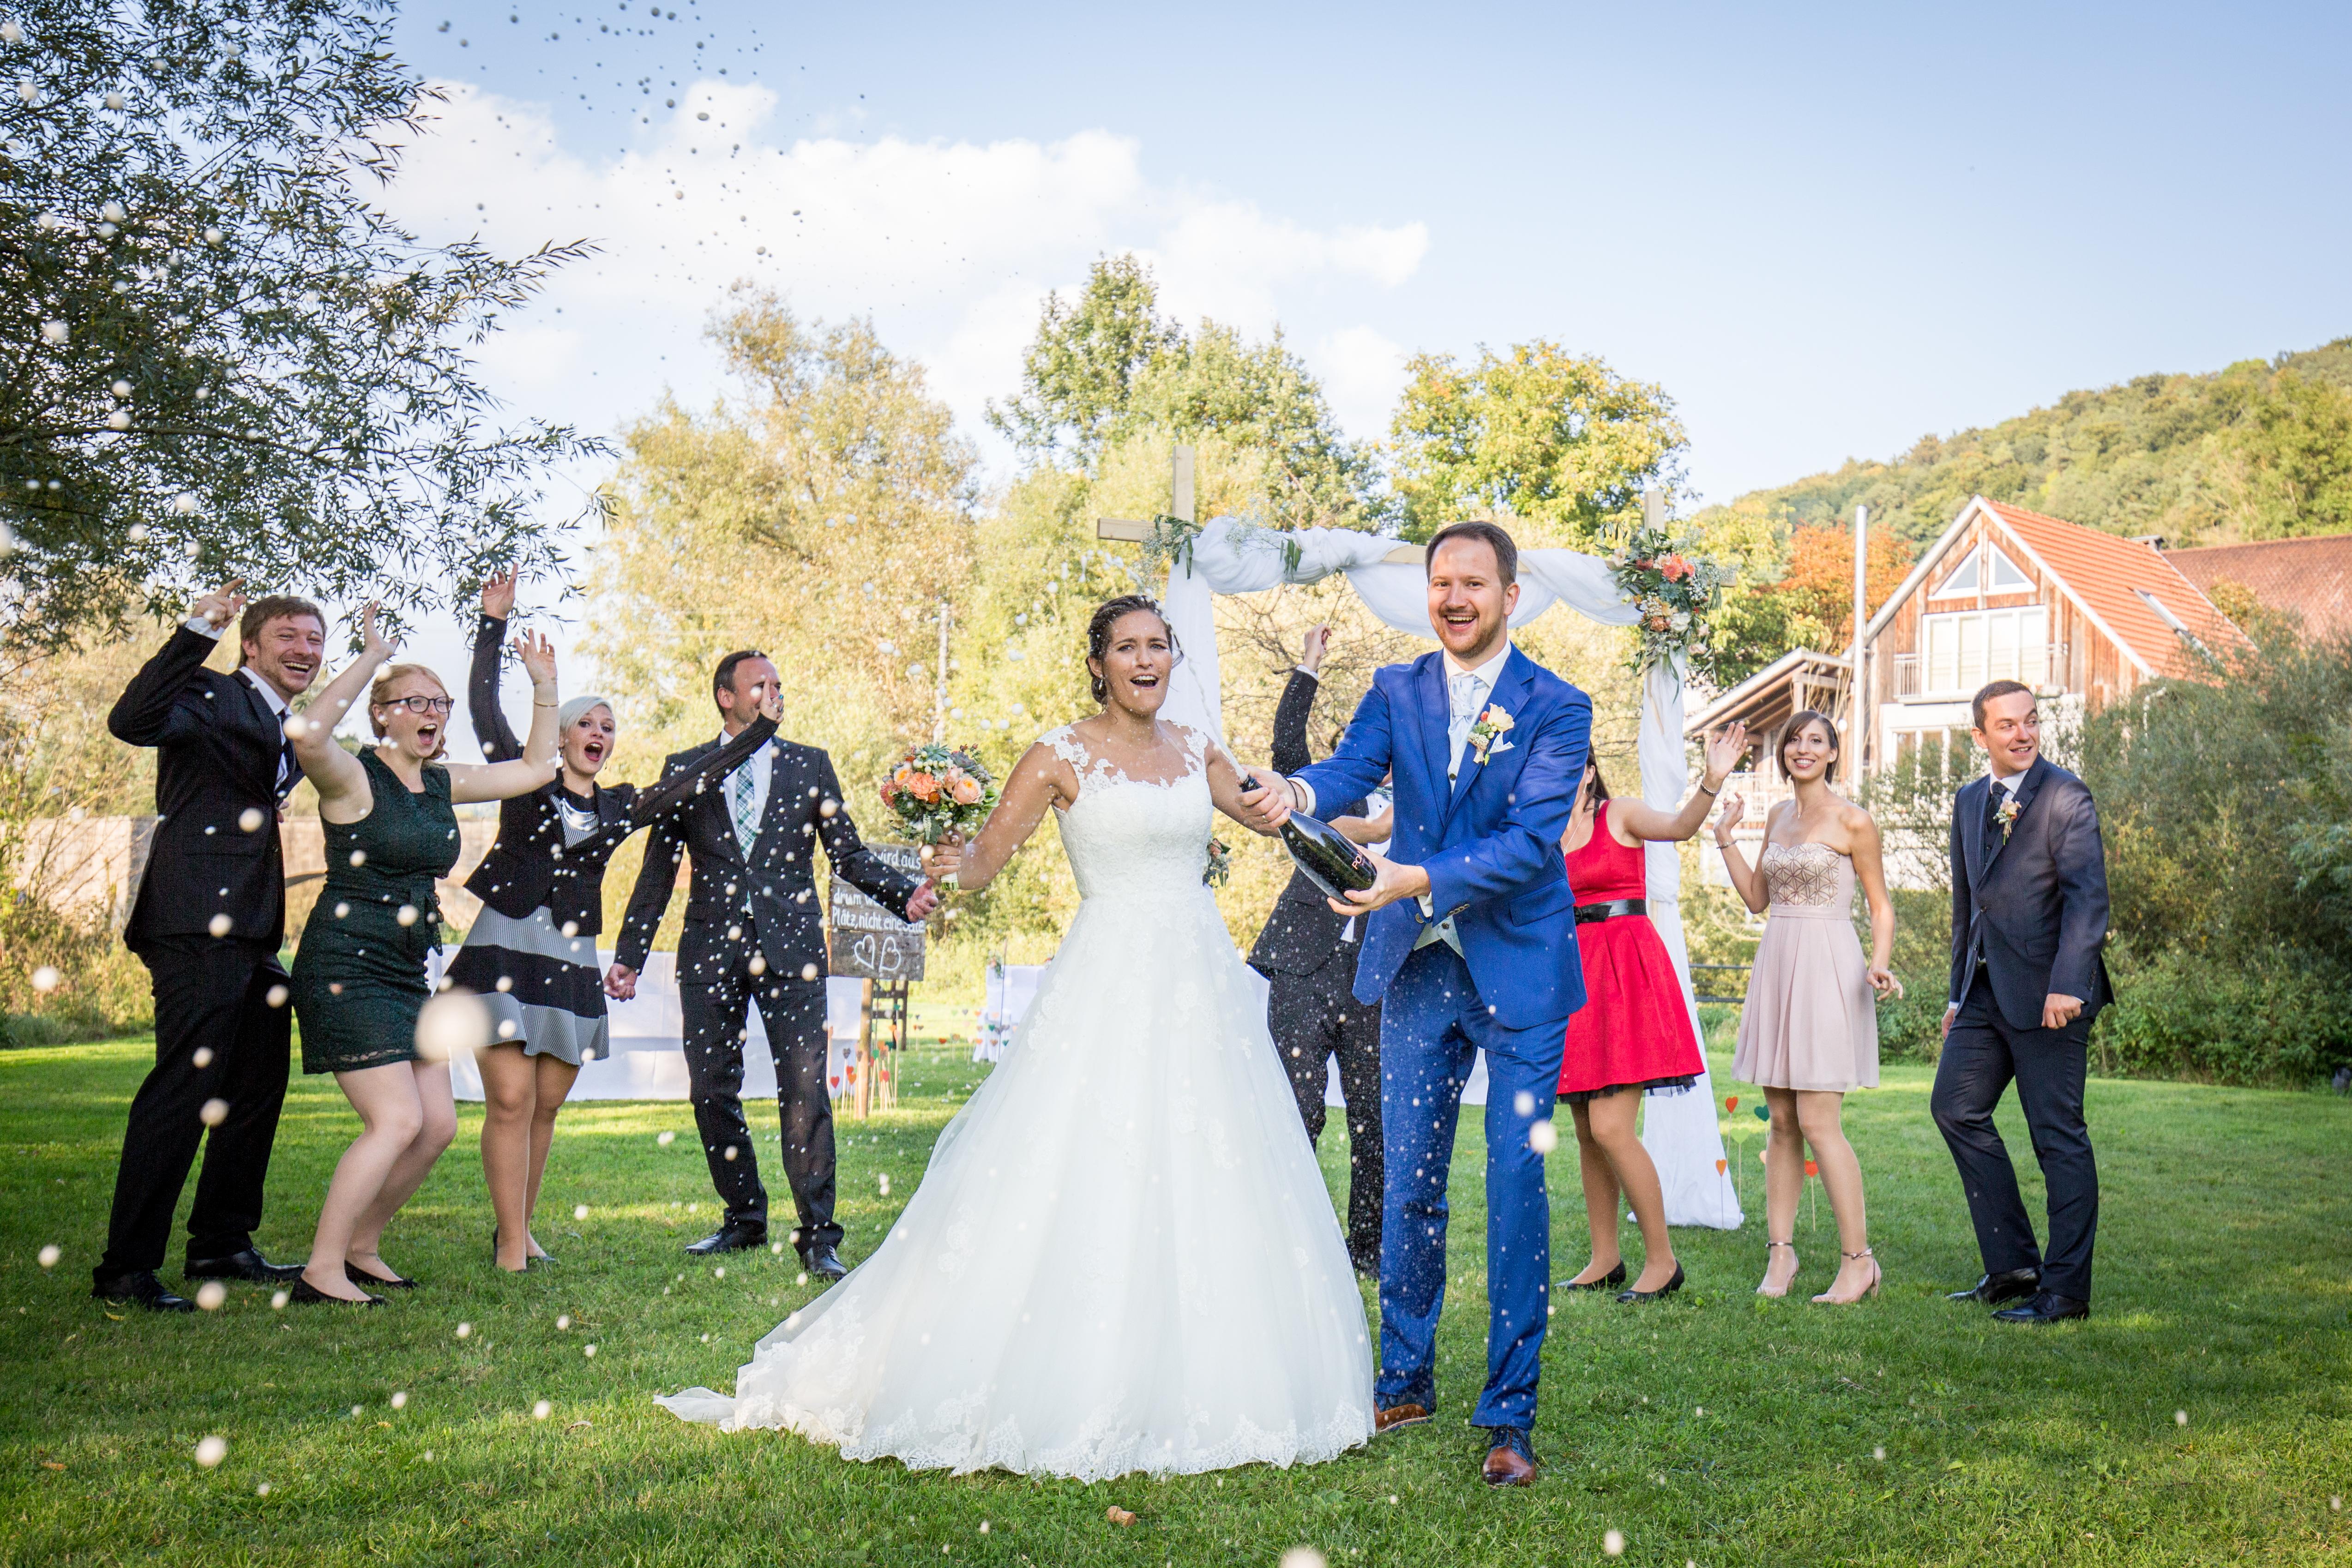 Trauung Hochzeitsfeier In Mulfingen Jagstmuhle Ganztatige